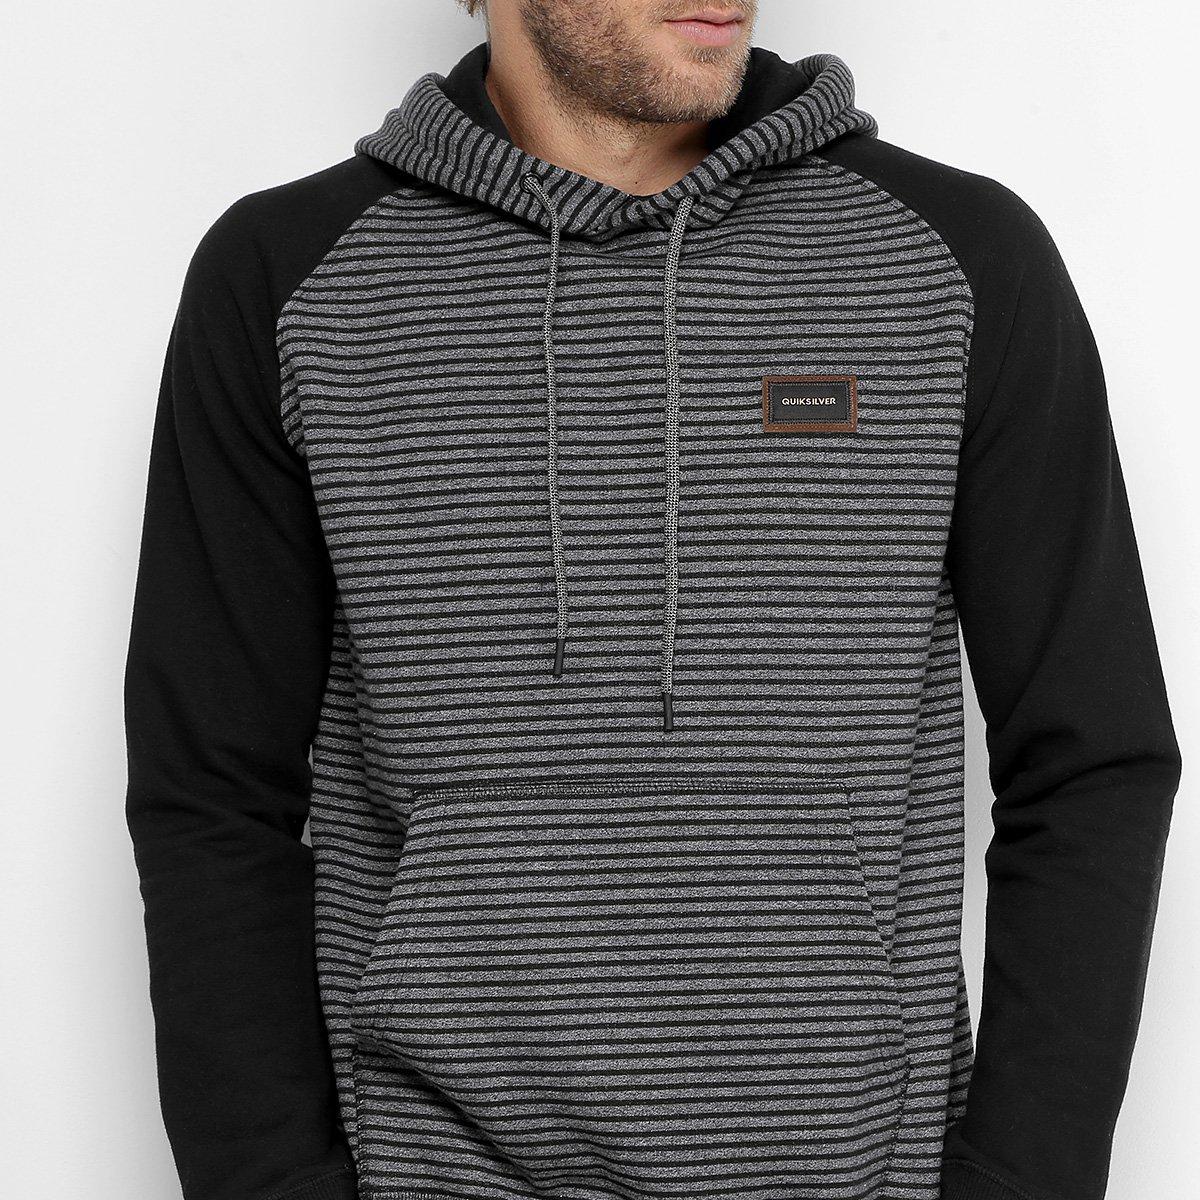 Moletom Quiksilver Especial Stripes Hood Masculino - Compre Agora ... e3ca944328